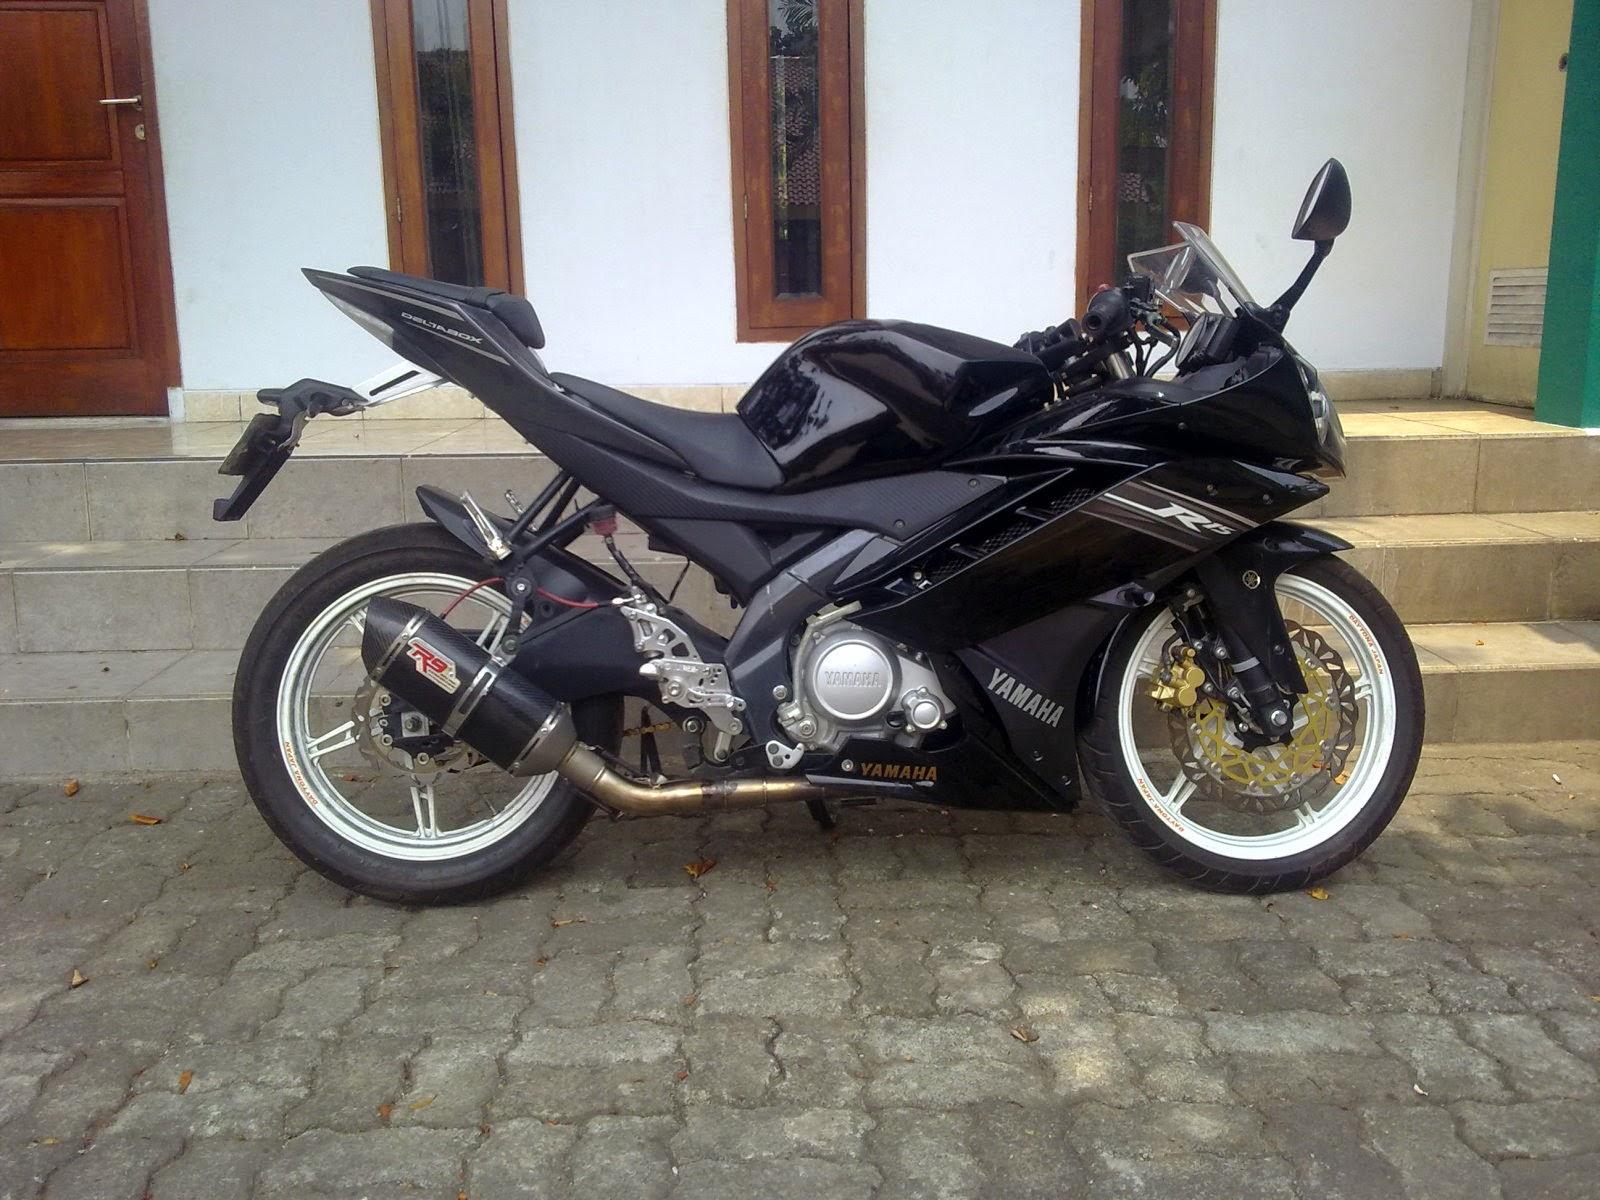 Modif Yamaha Vixion Jadi R15